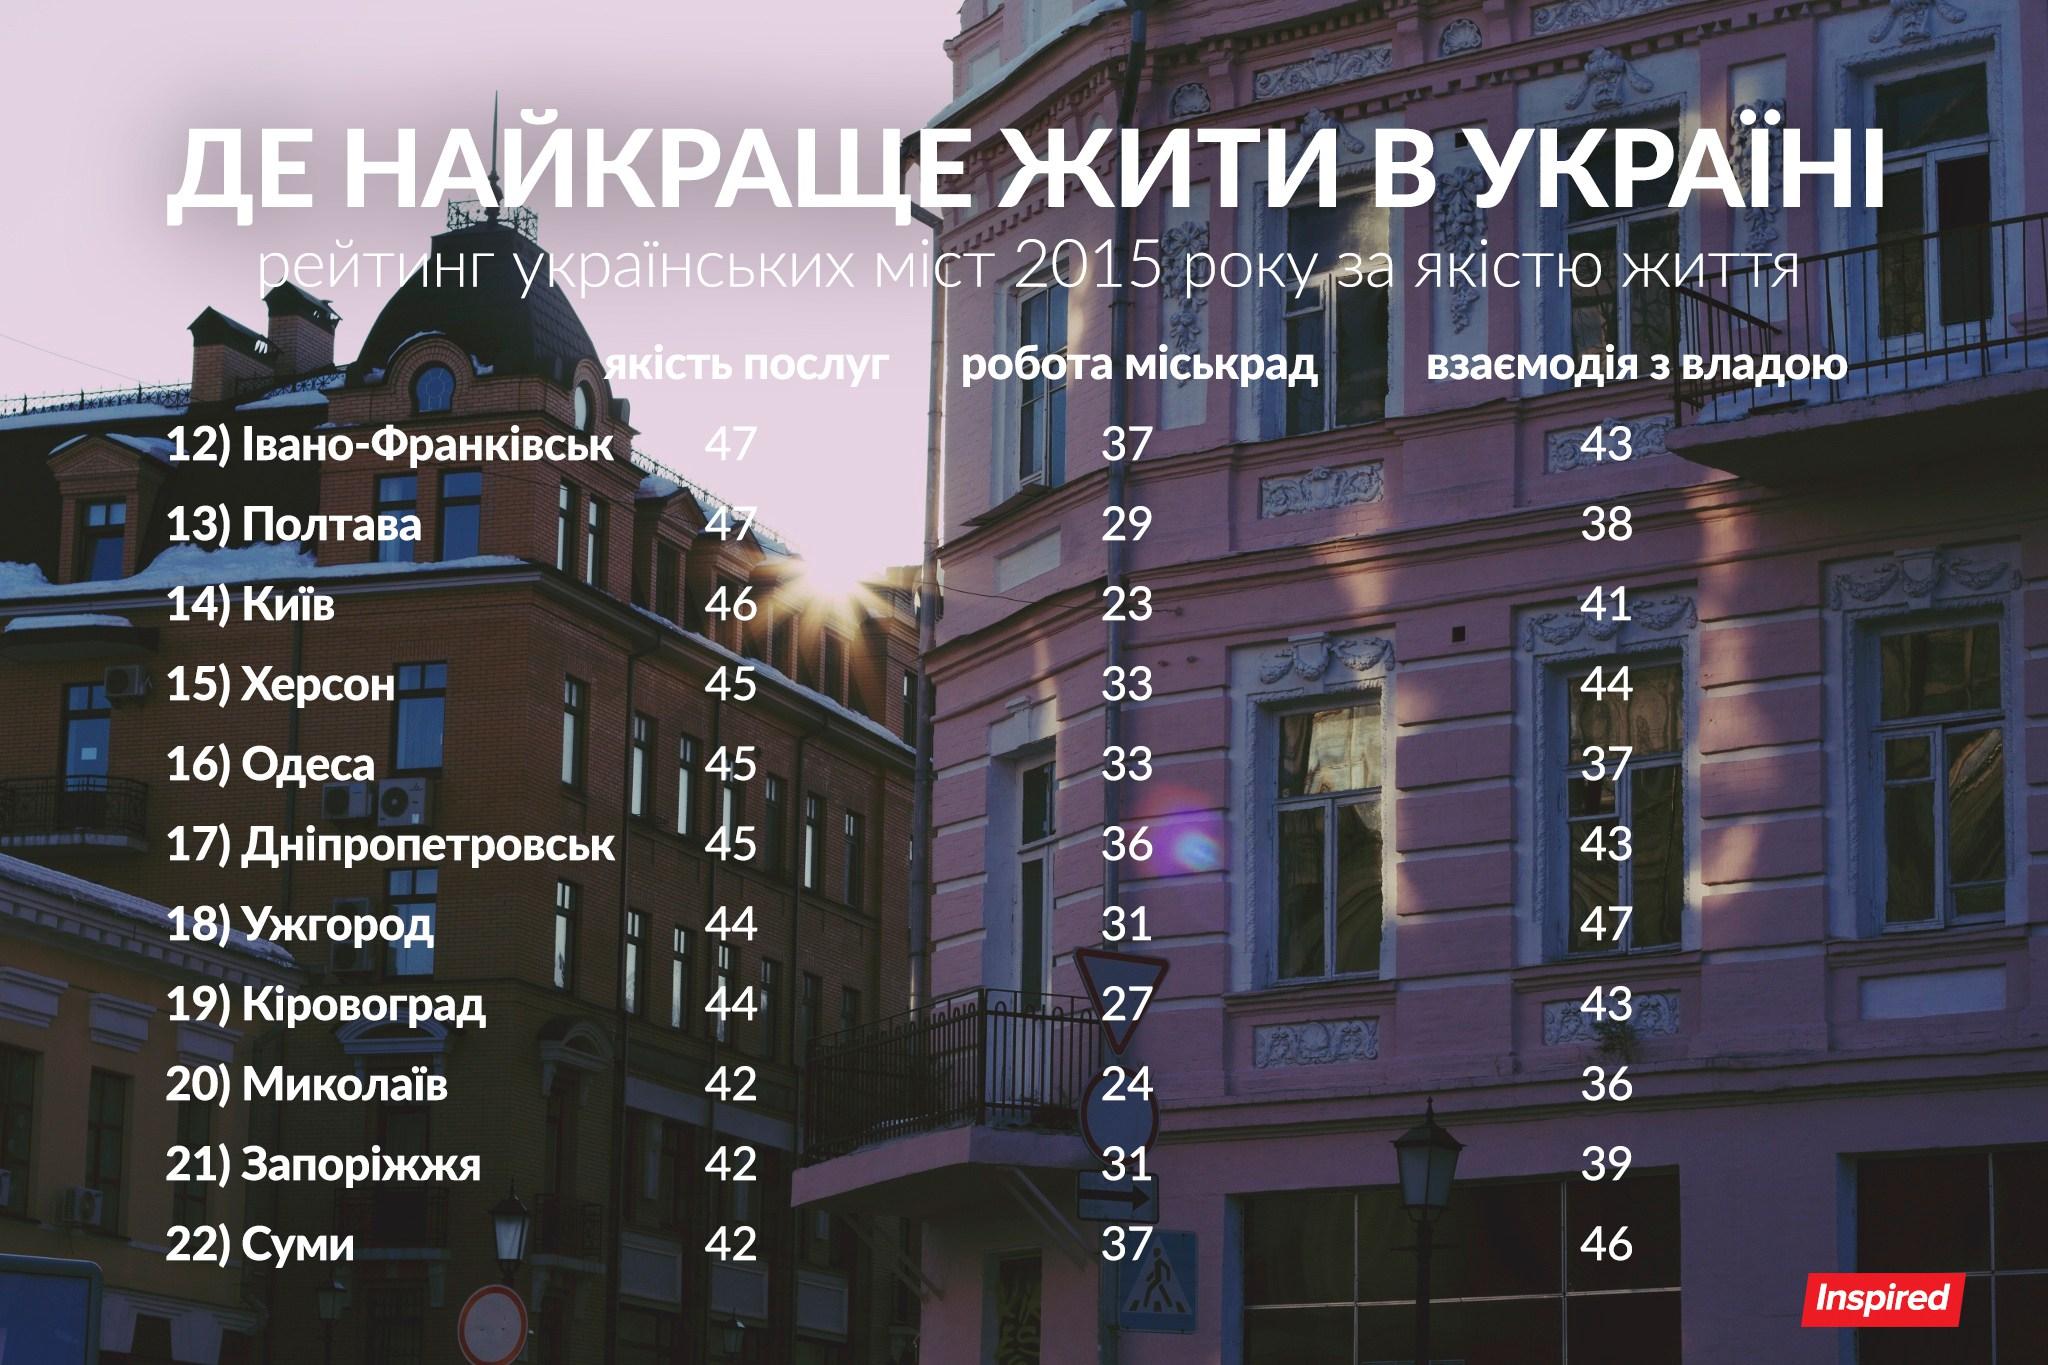 Интрига года: какой город Украины является демократическим? Недогадаетесь!